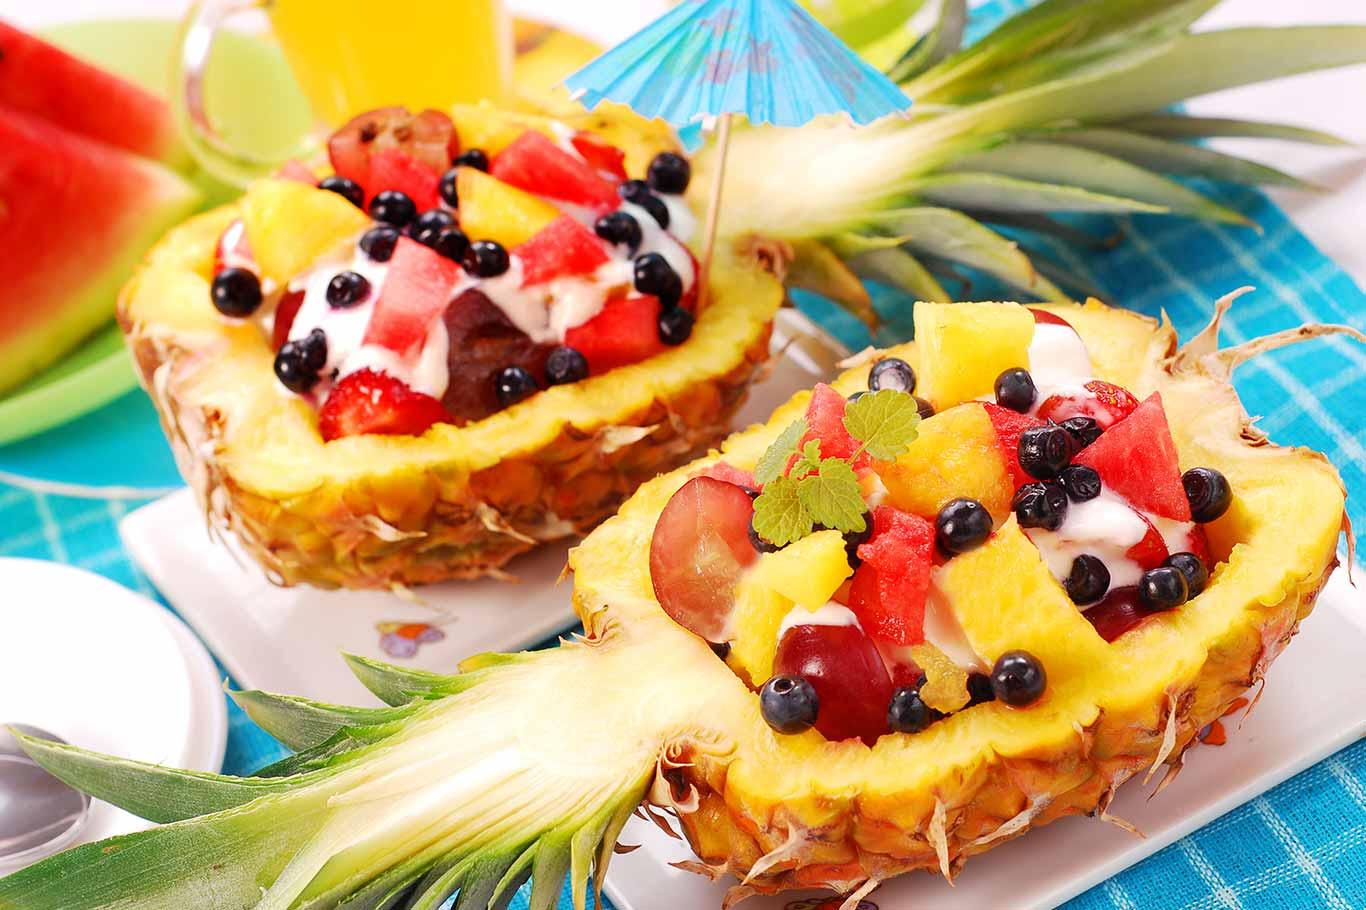 Receta de piña rellena con frutas y yogur